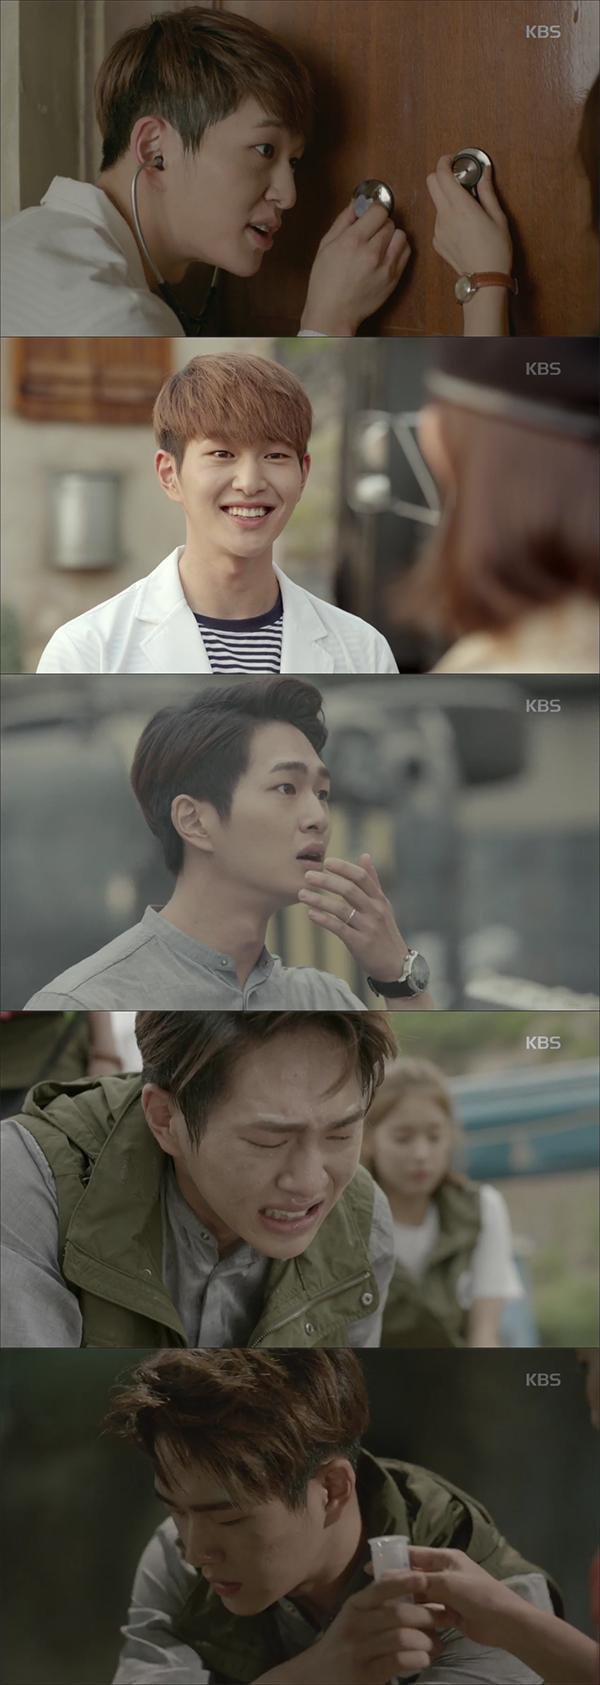 '태양의 후예' 시청률 고공행진, 온유